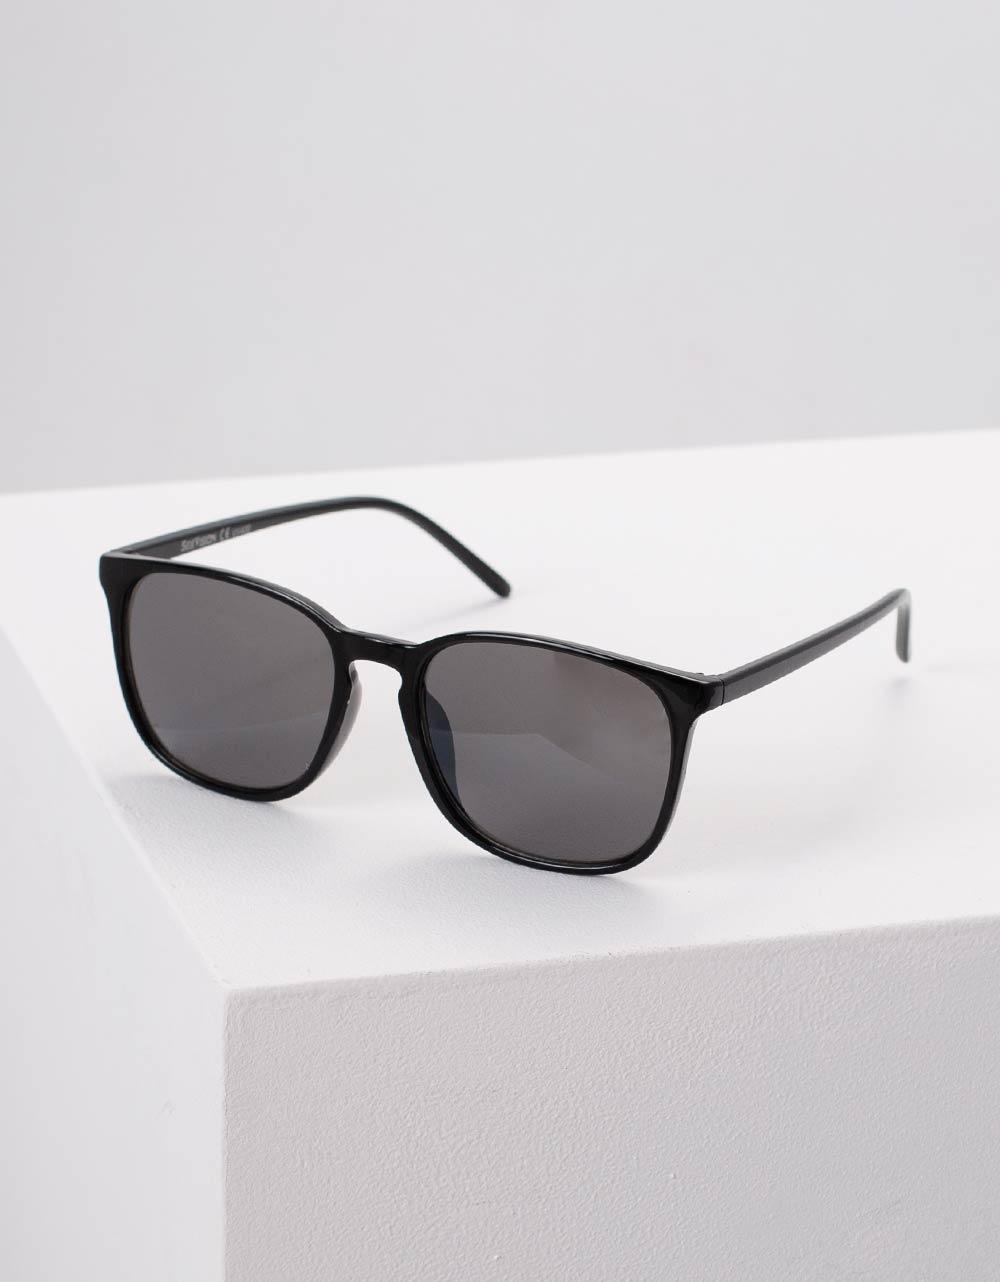 Εικόνα από Γυναικεία γυαλιά ηλίου Μαύρο